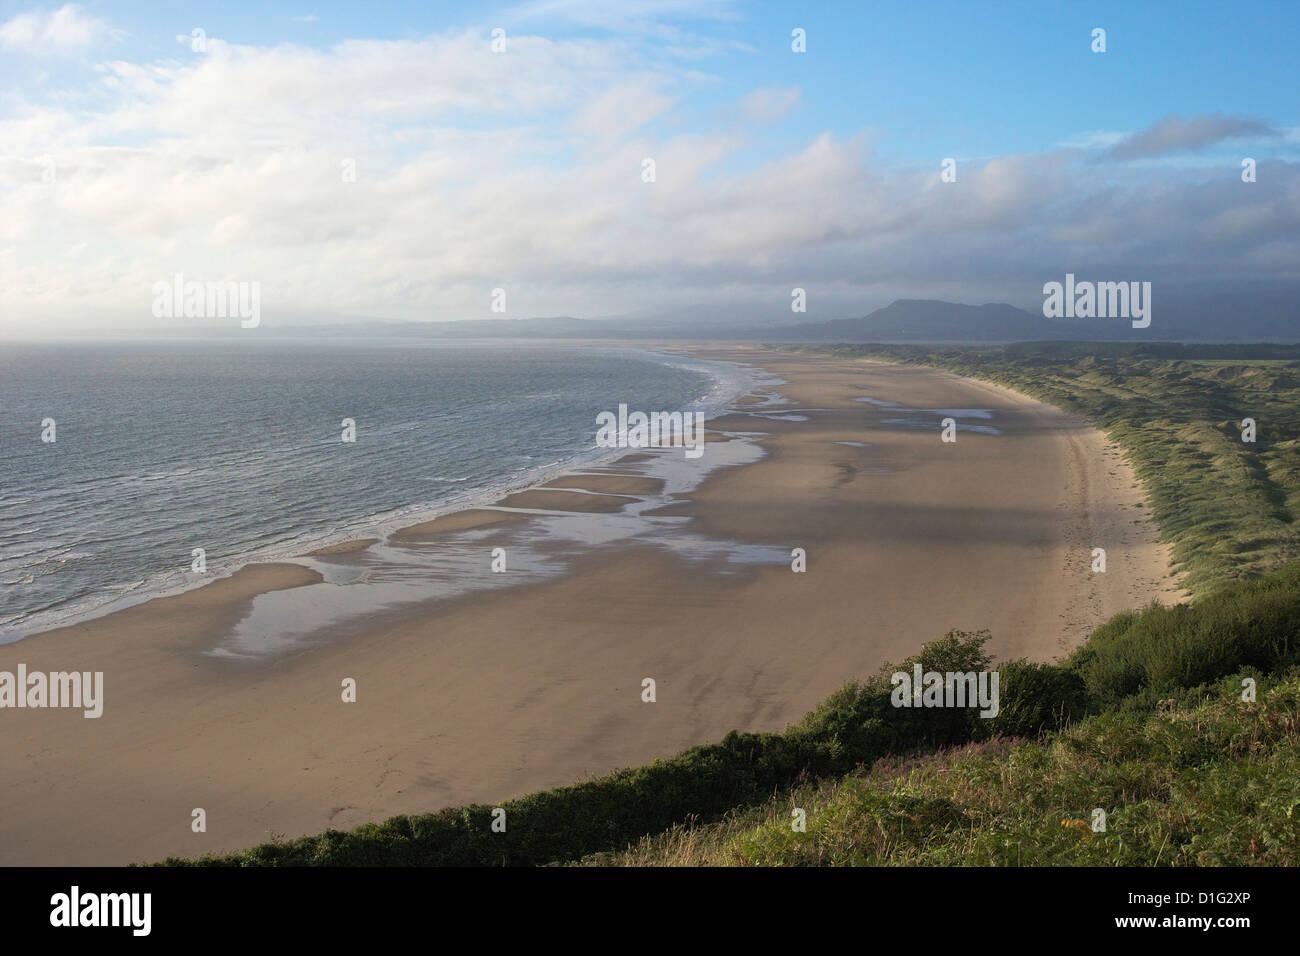 Tremadog Bay y Harlech beach visto desde cerca Llanfair, Gwynedd, Gales, Reino Unido, Europa Imagen De Stock